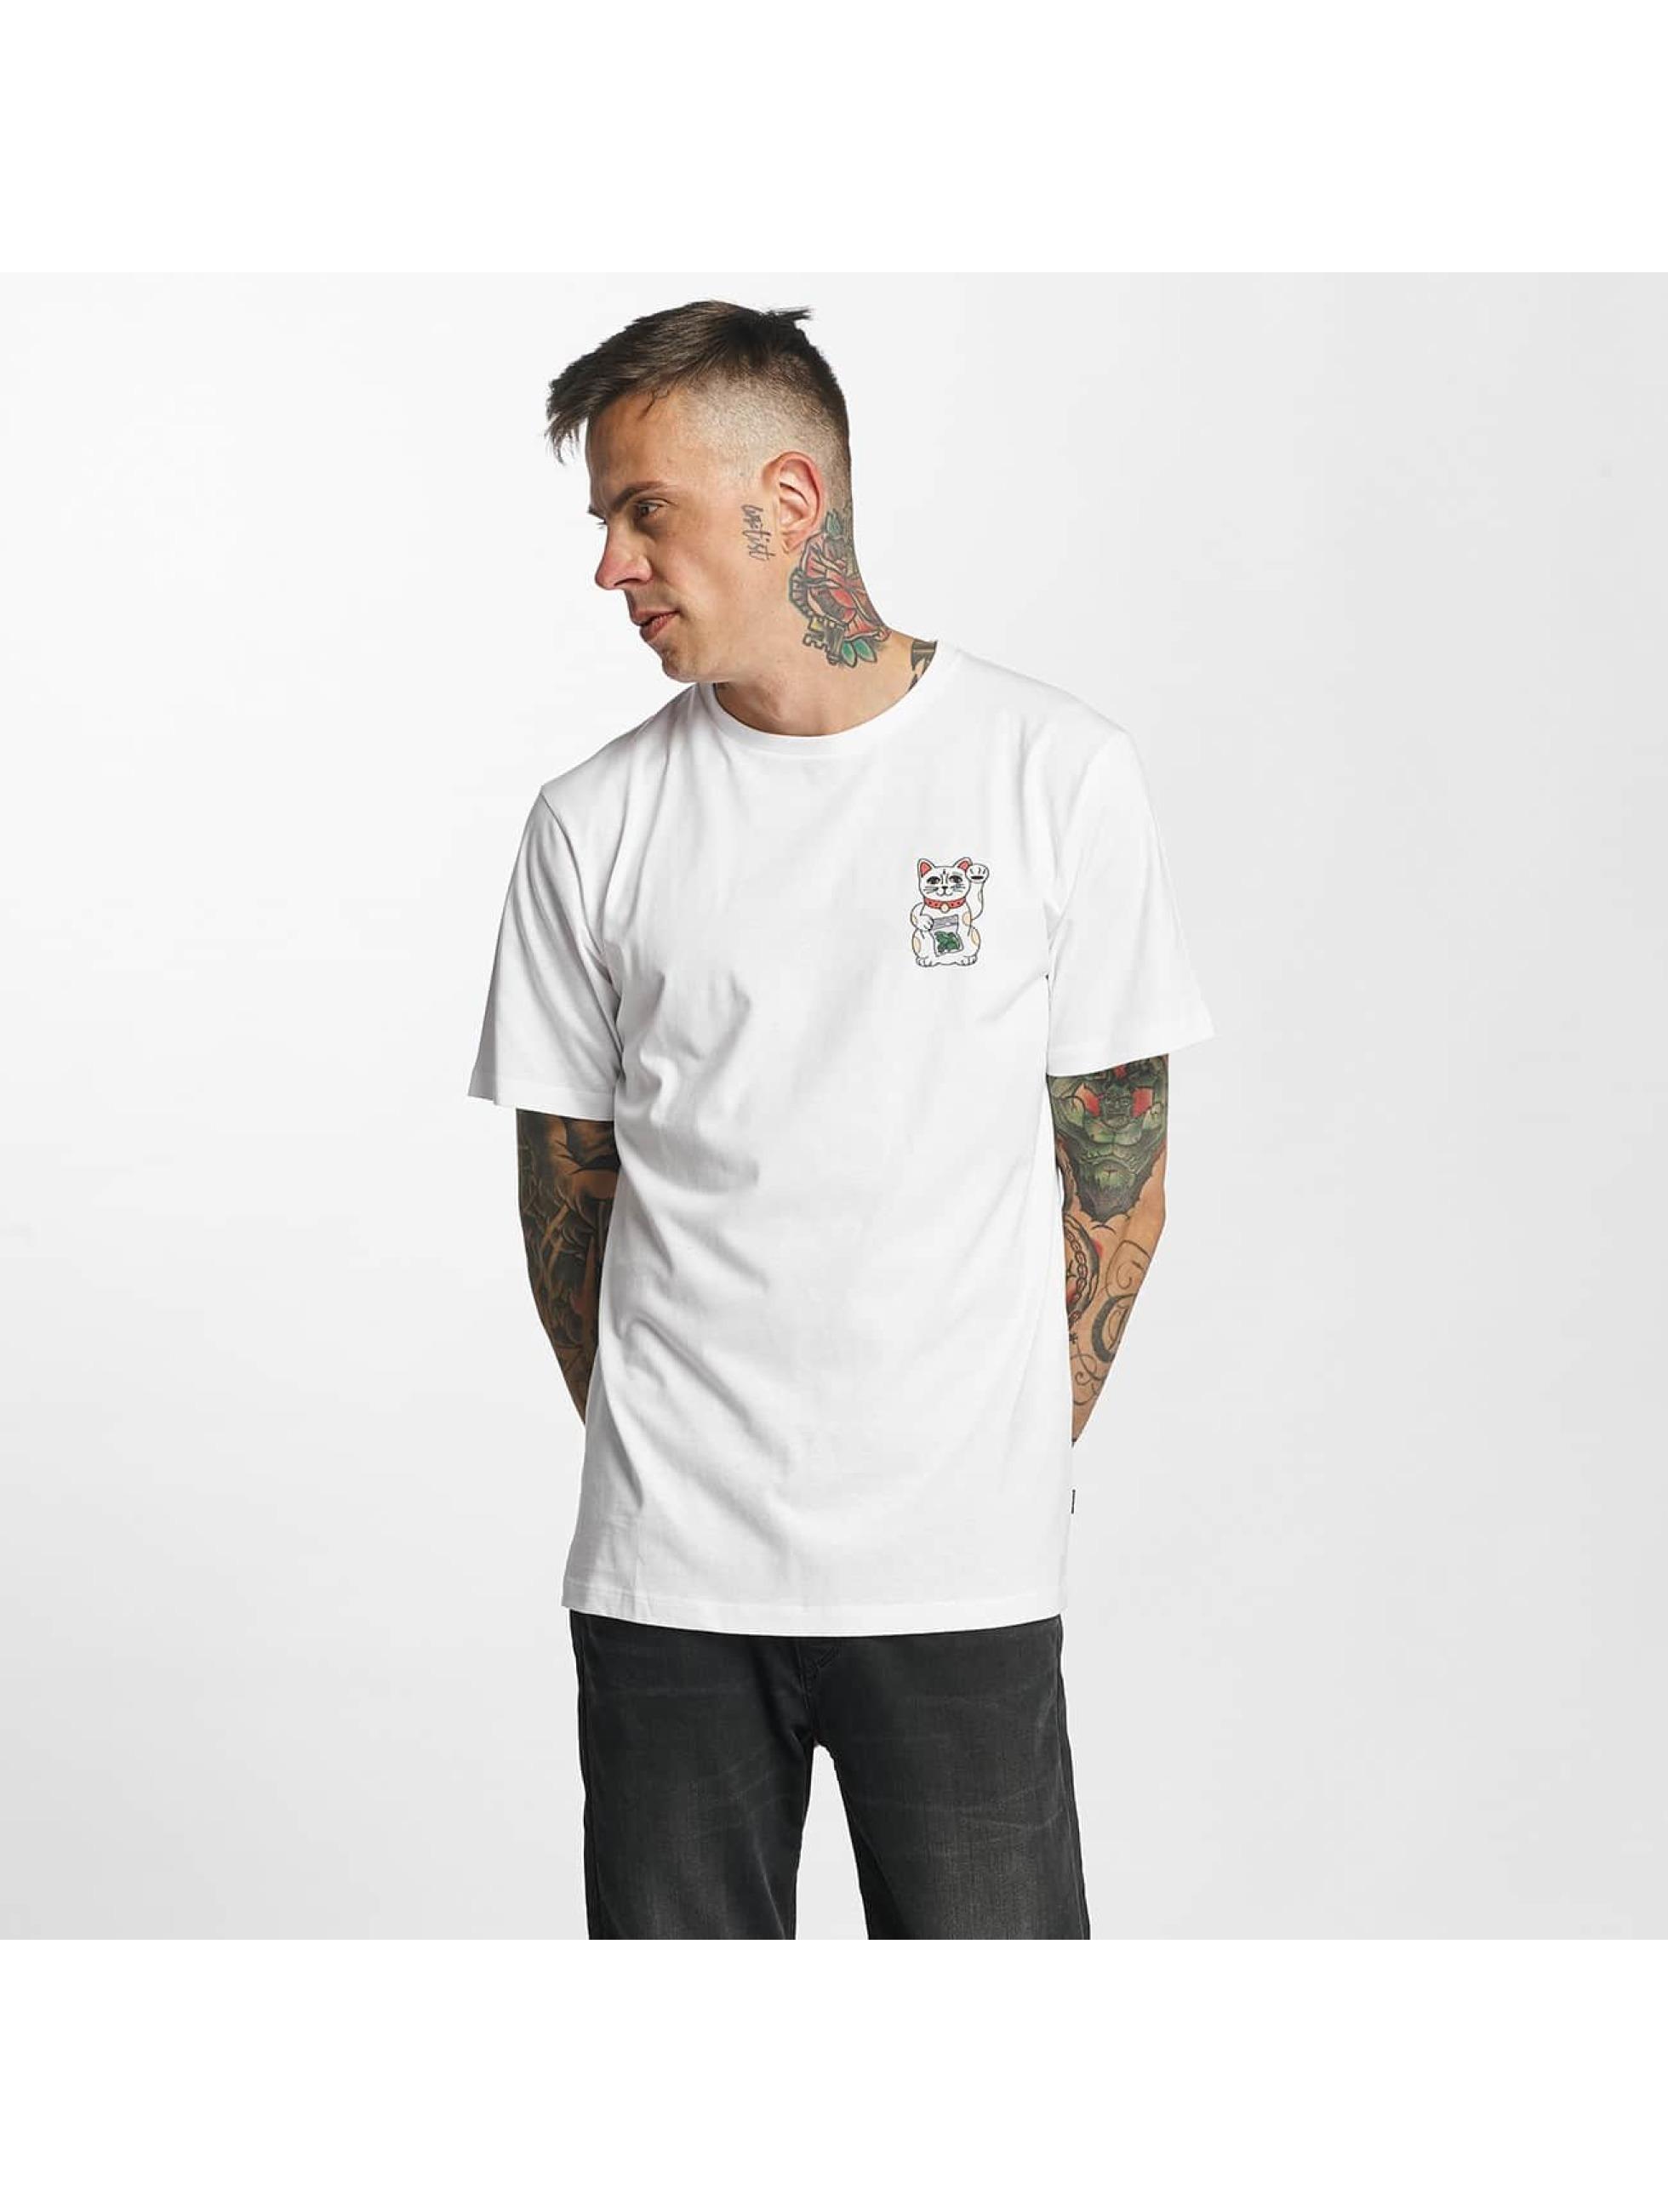 Tealer T-Shirt Pray For Cat weiß